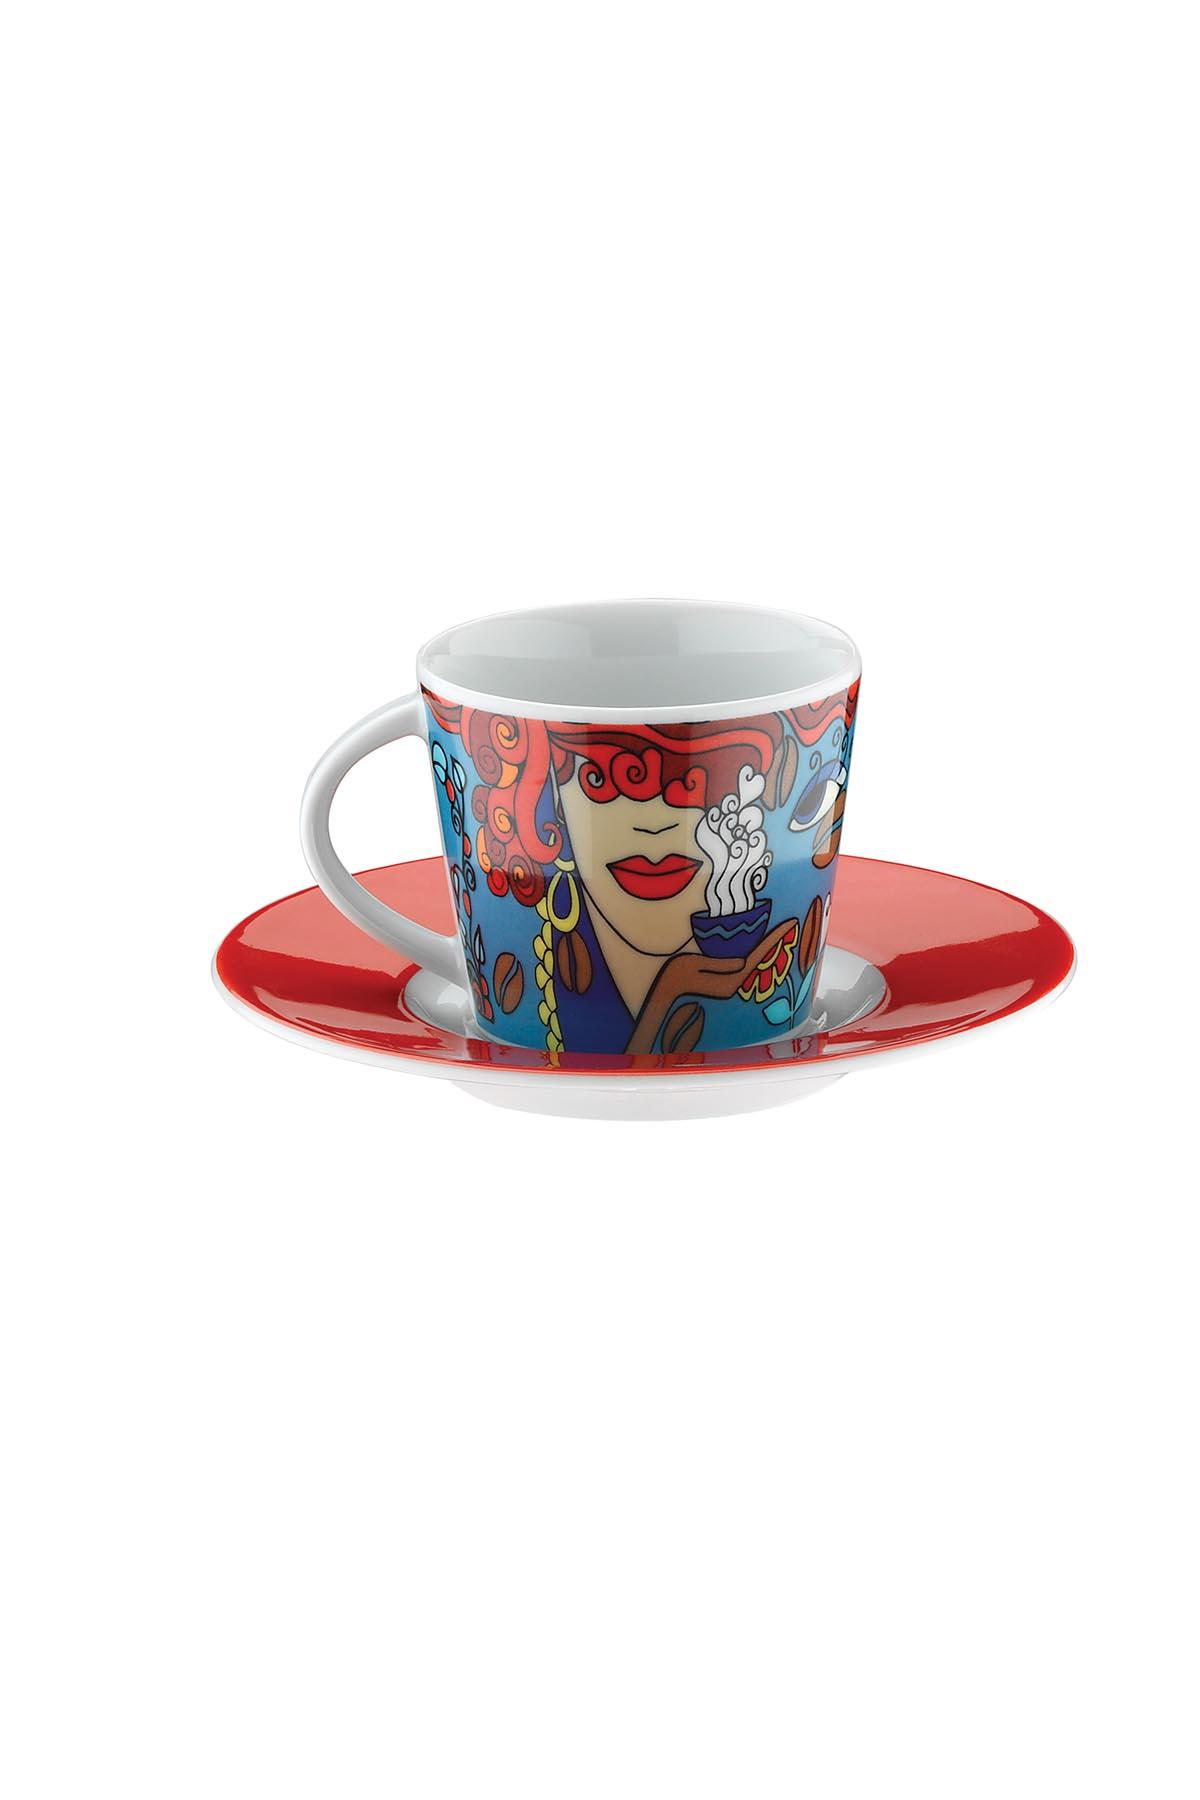 Kütahya Porselen Toledo 10910 Desen Kahve Takımı